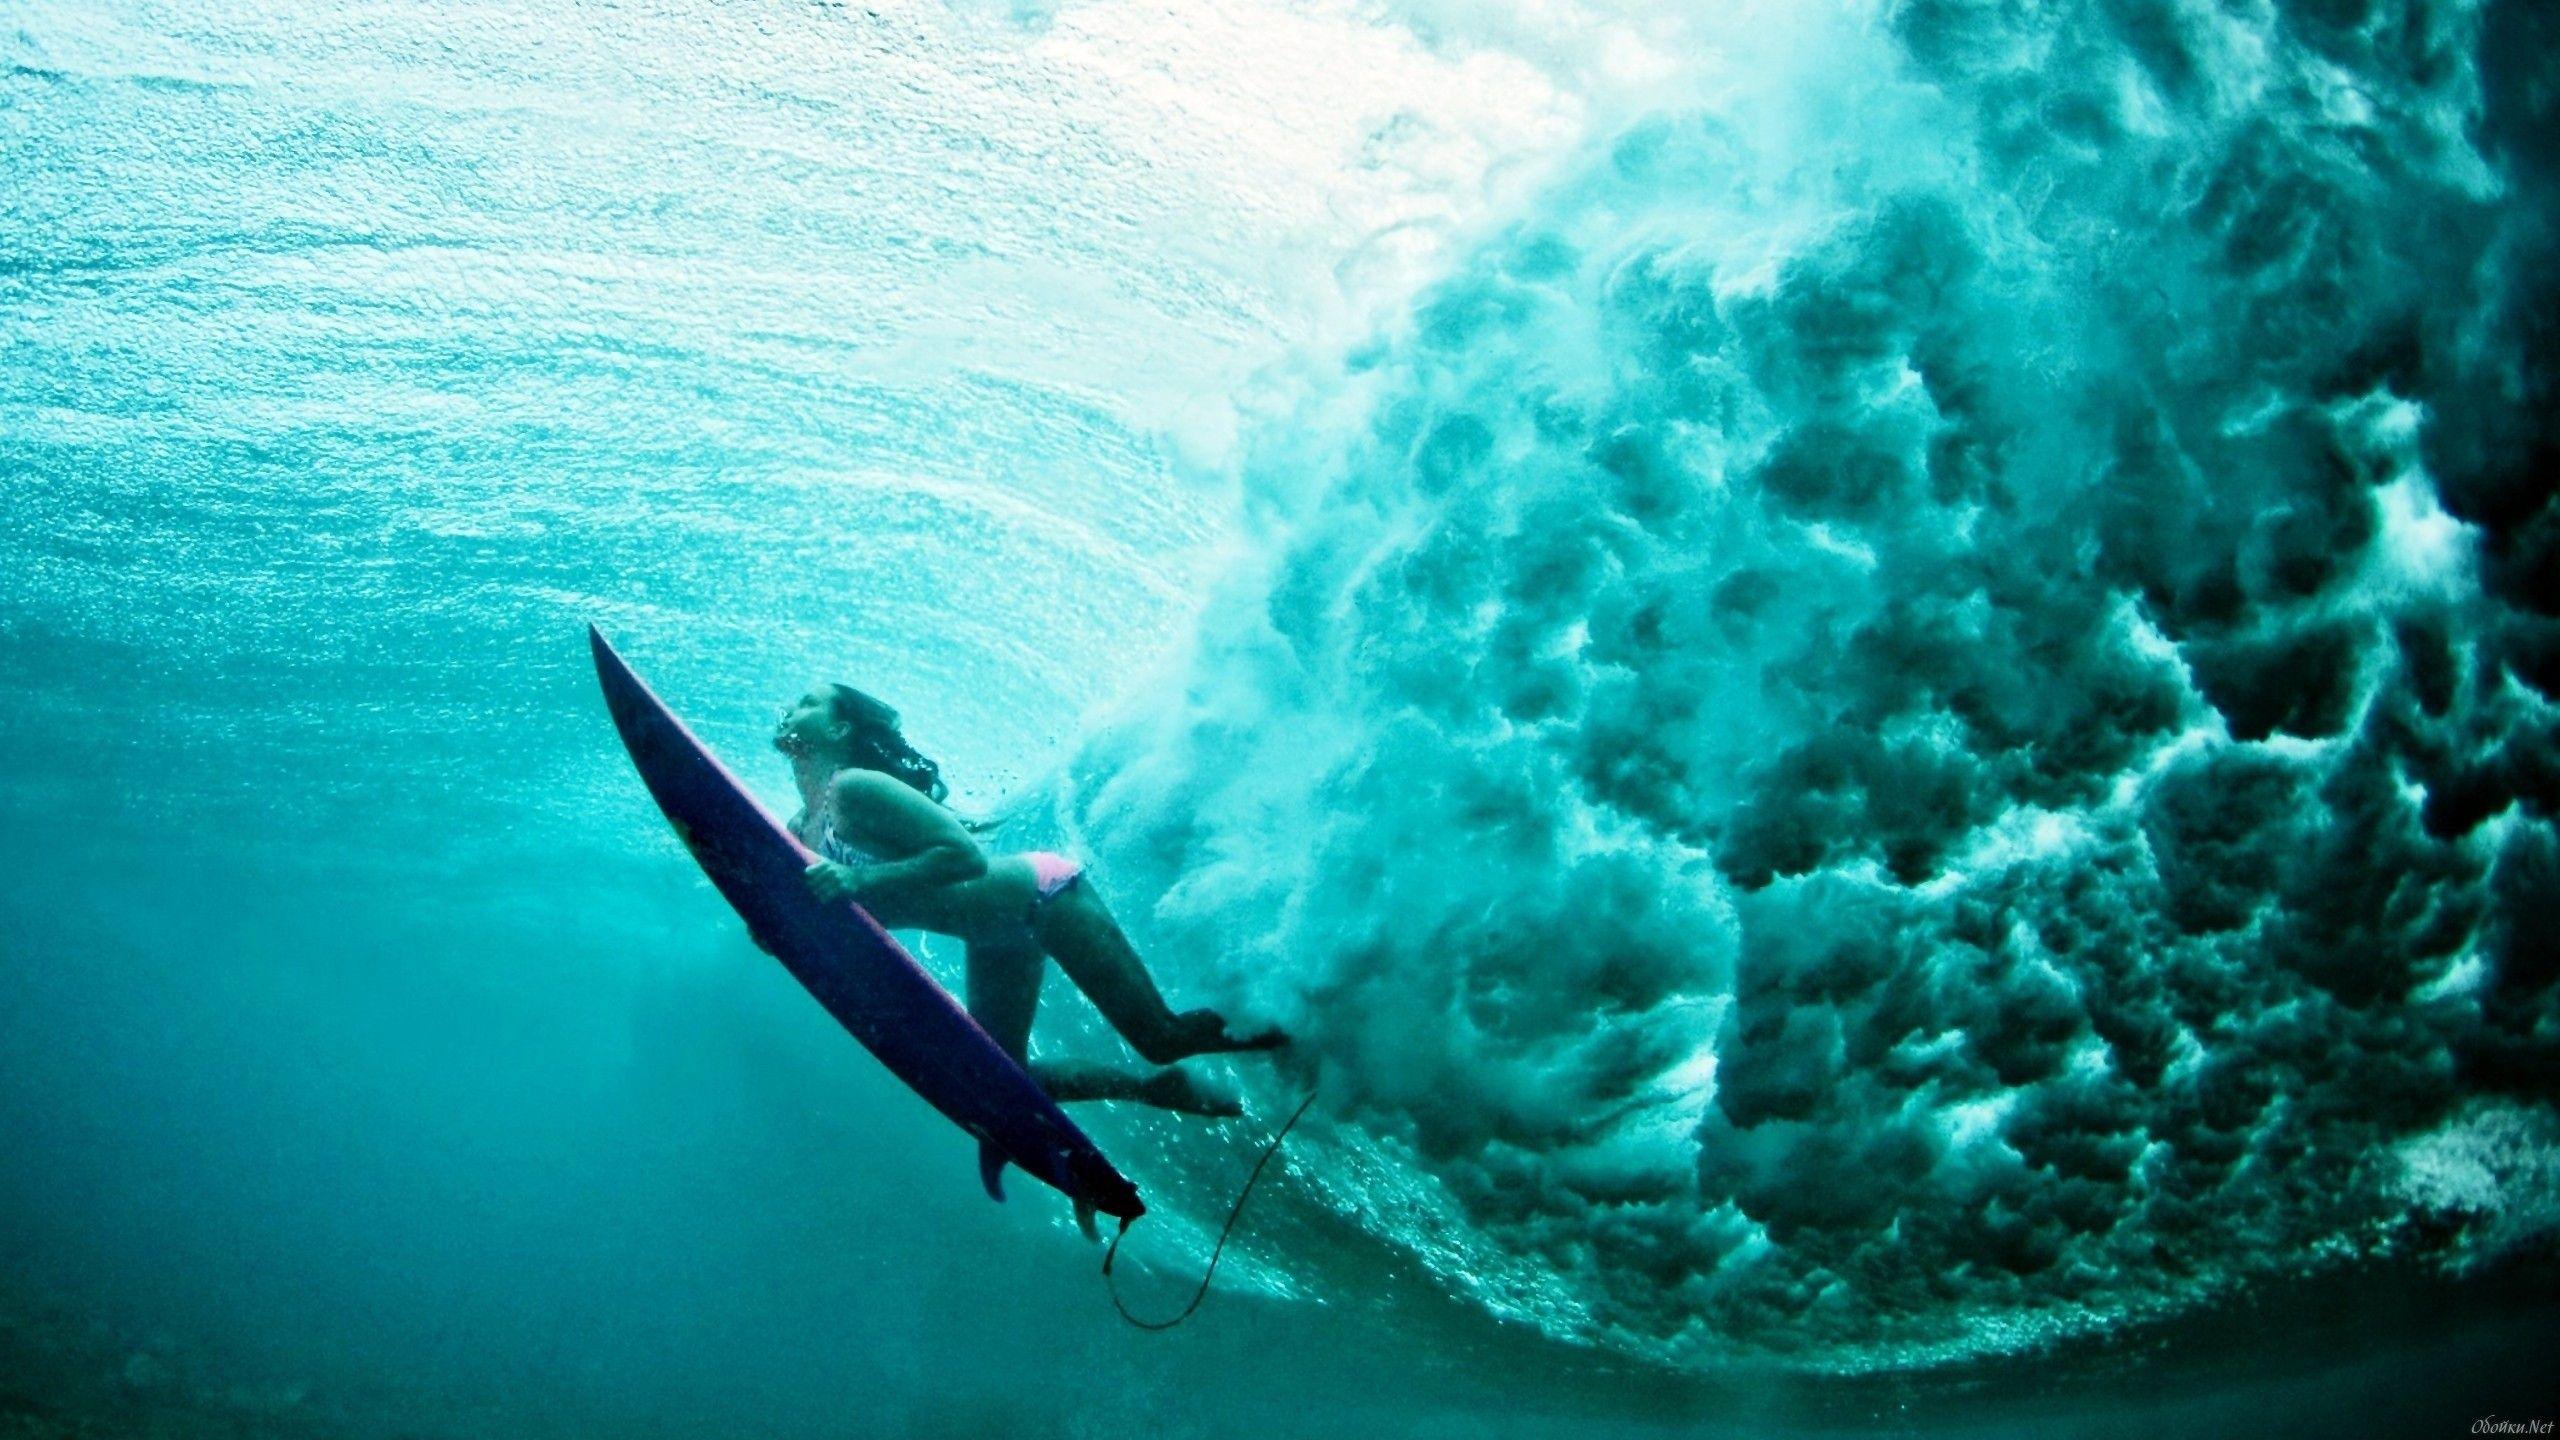 Maya gabeira surfing nude